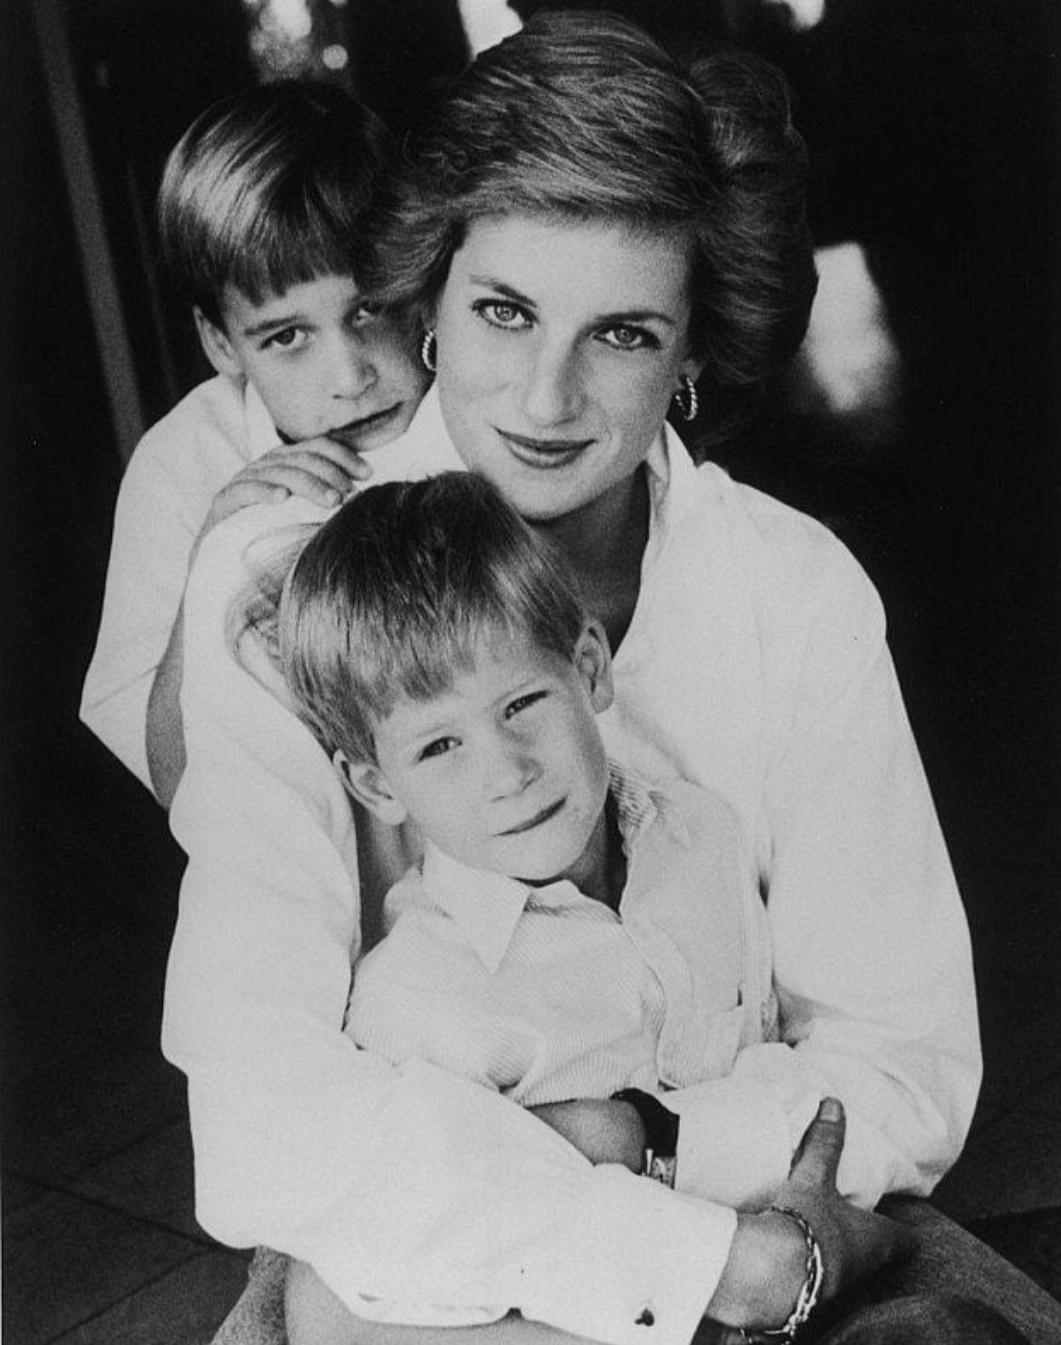 الأميرة ديانا تحتضن ابناءها ويليام وهاري- الصورة من حسابها على إنستغرام.jpg